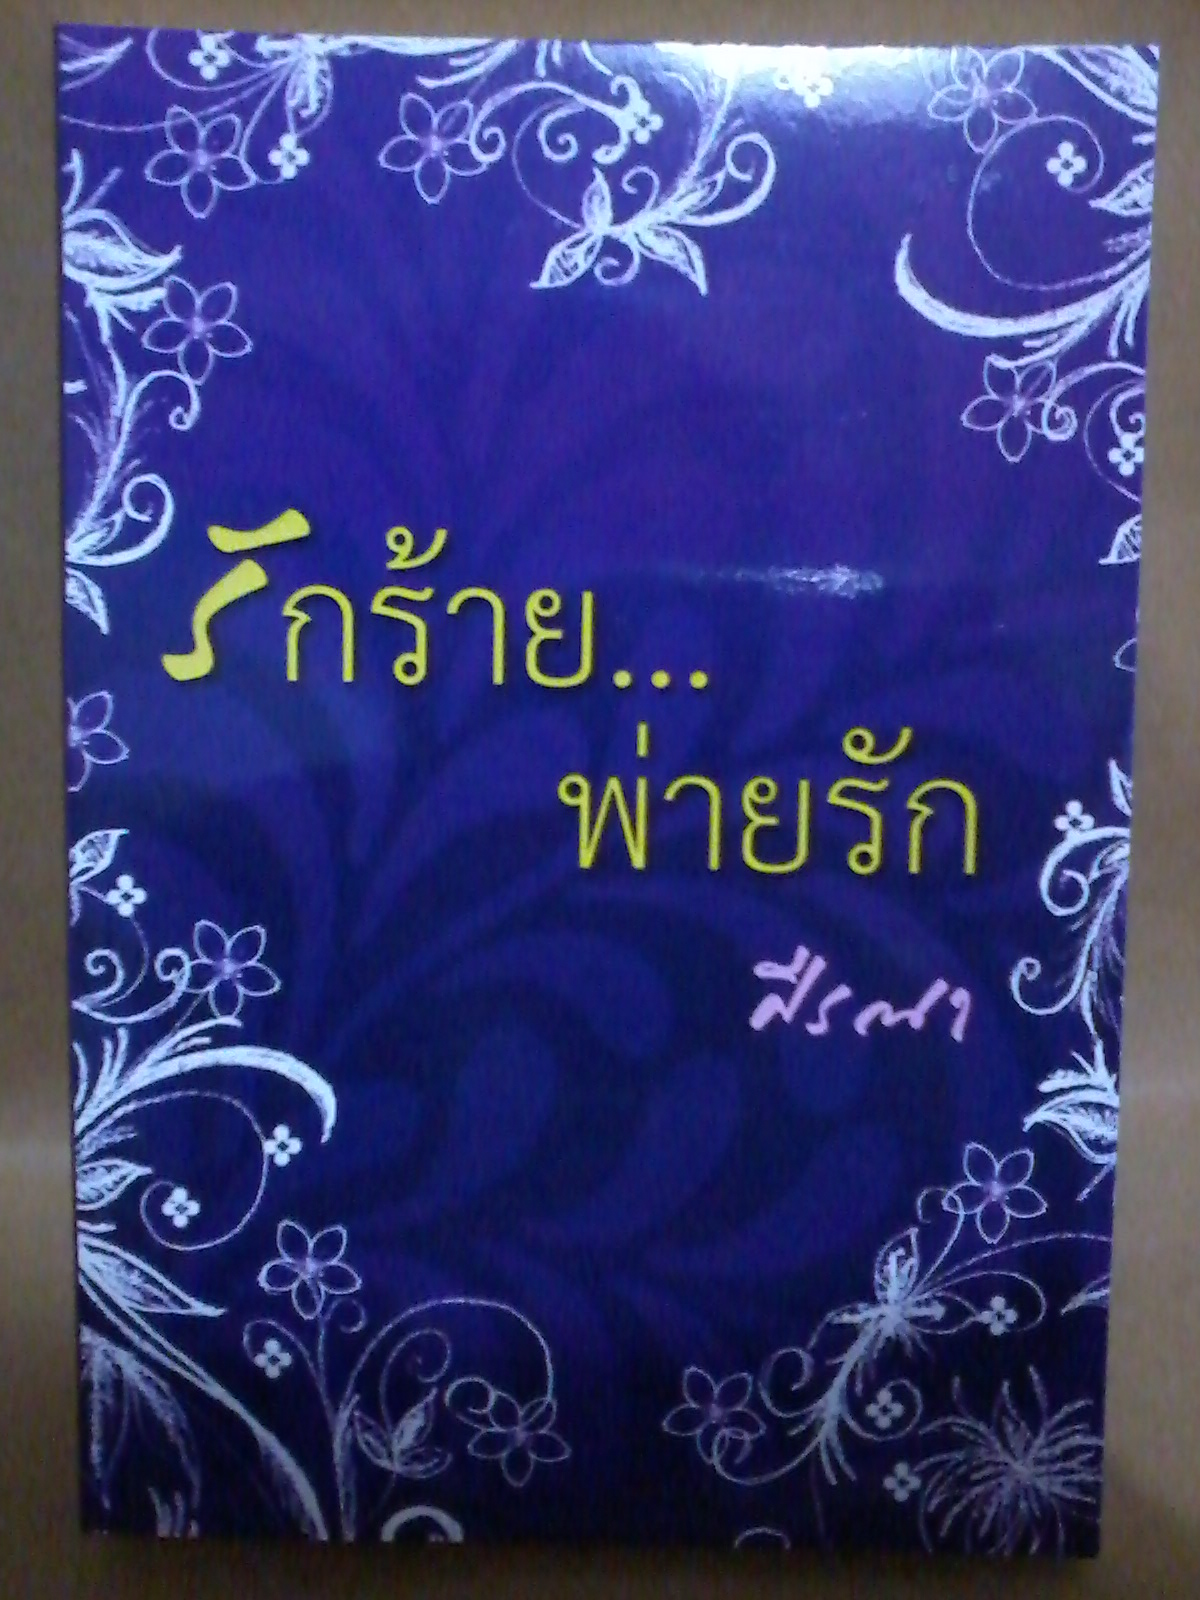 รักร้ายพ่ายรัก (ภาคต่อรักร้อน ซ่อนรัก)พิมพ์ครั้งที่ 3/ ศีรณา หนังสือใหม่ทำมือ*** อ่านแยกเล่มได้ค่ะ***